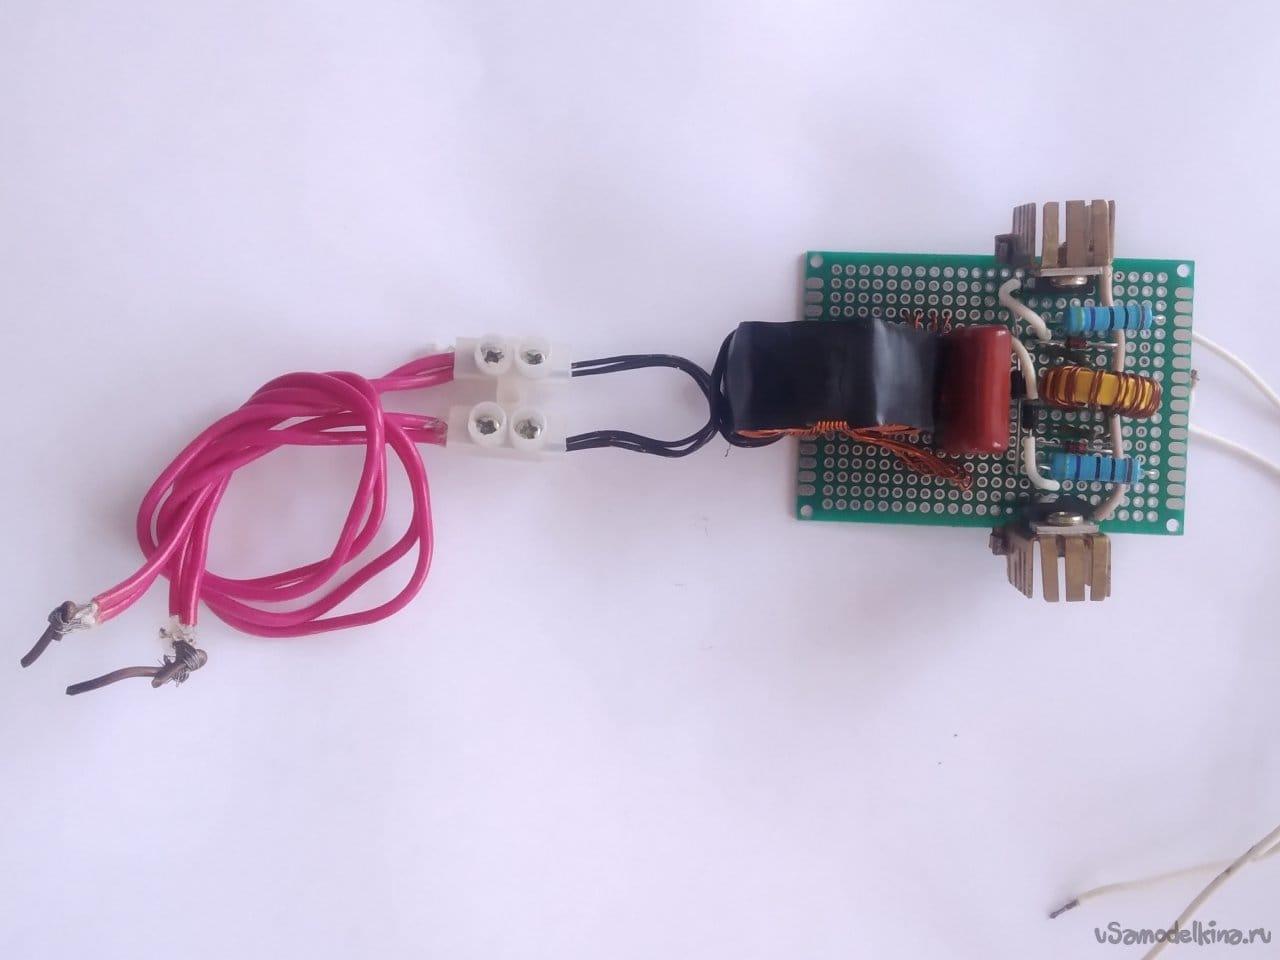 Мини аппарат для точечной сварки с напряжением питания 12V